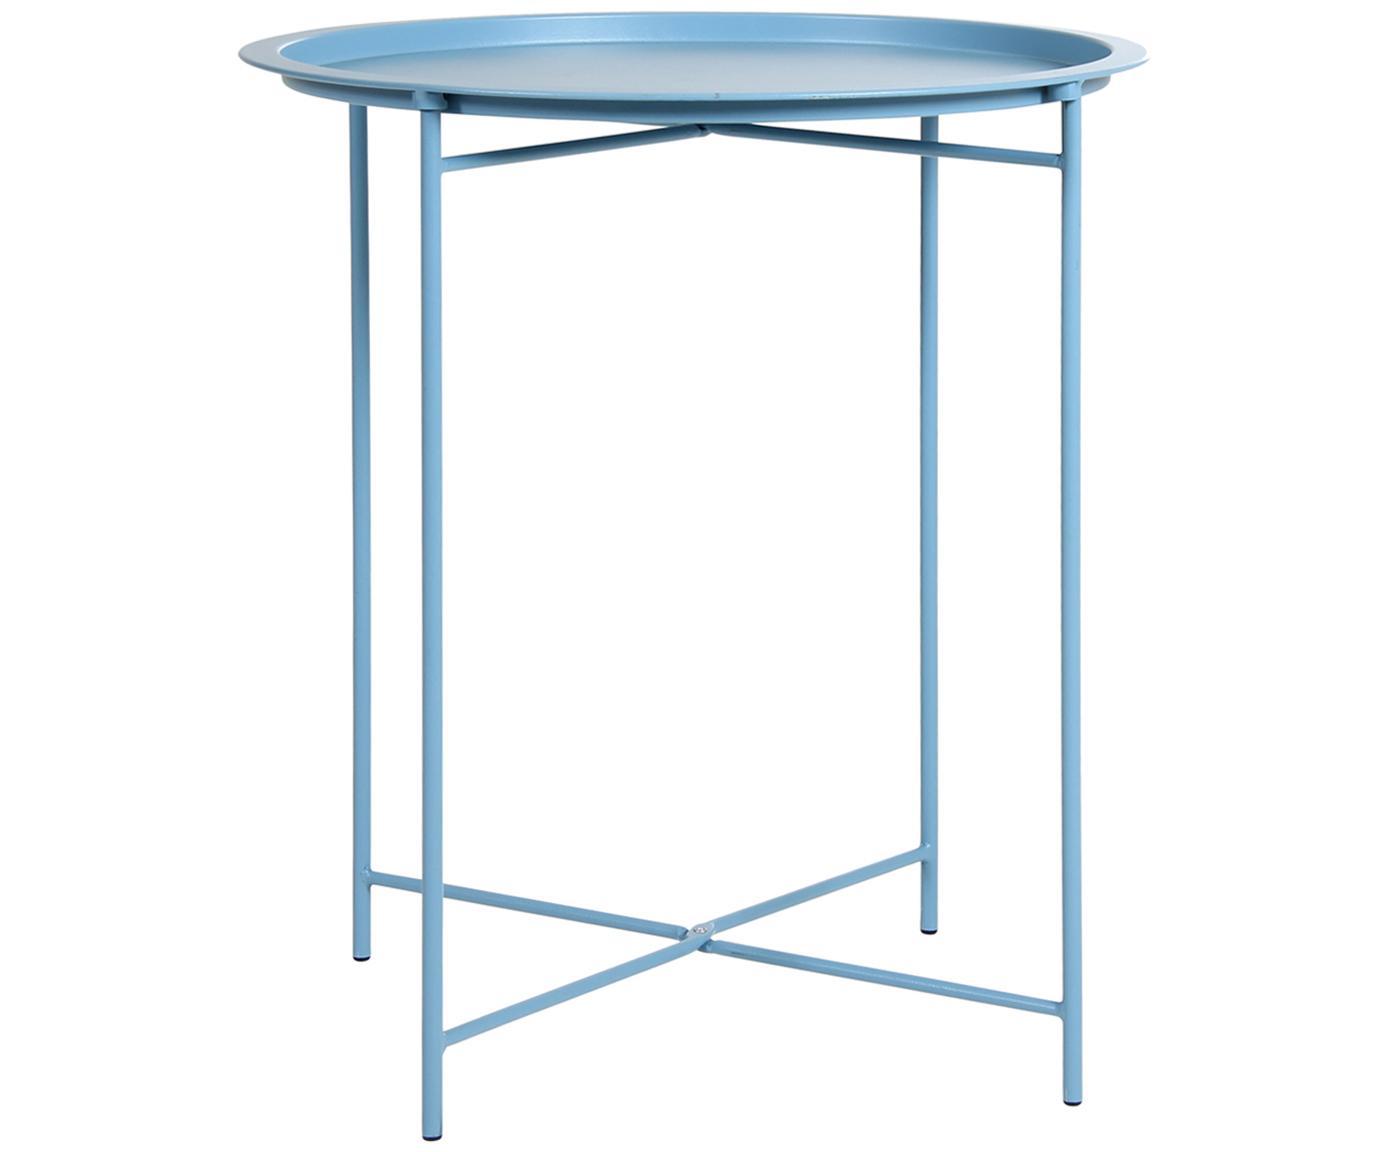 Bijzettafel Sangro, Gepoedercoat metaal, Blauw, Ø 46 x H 52 cm